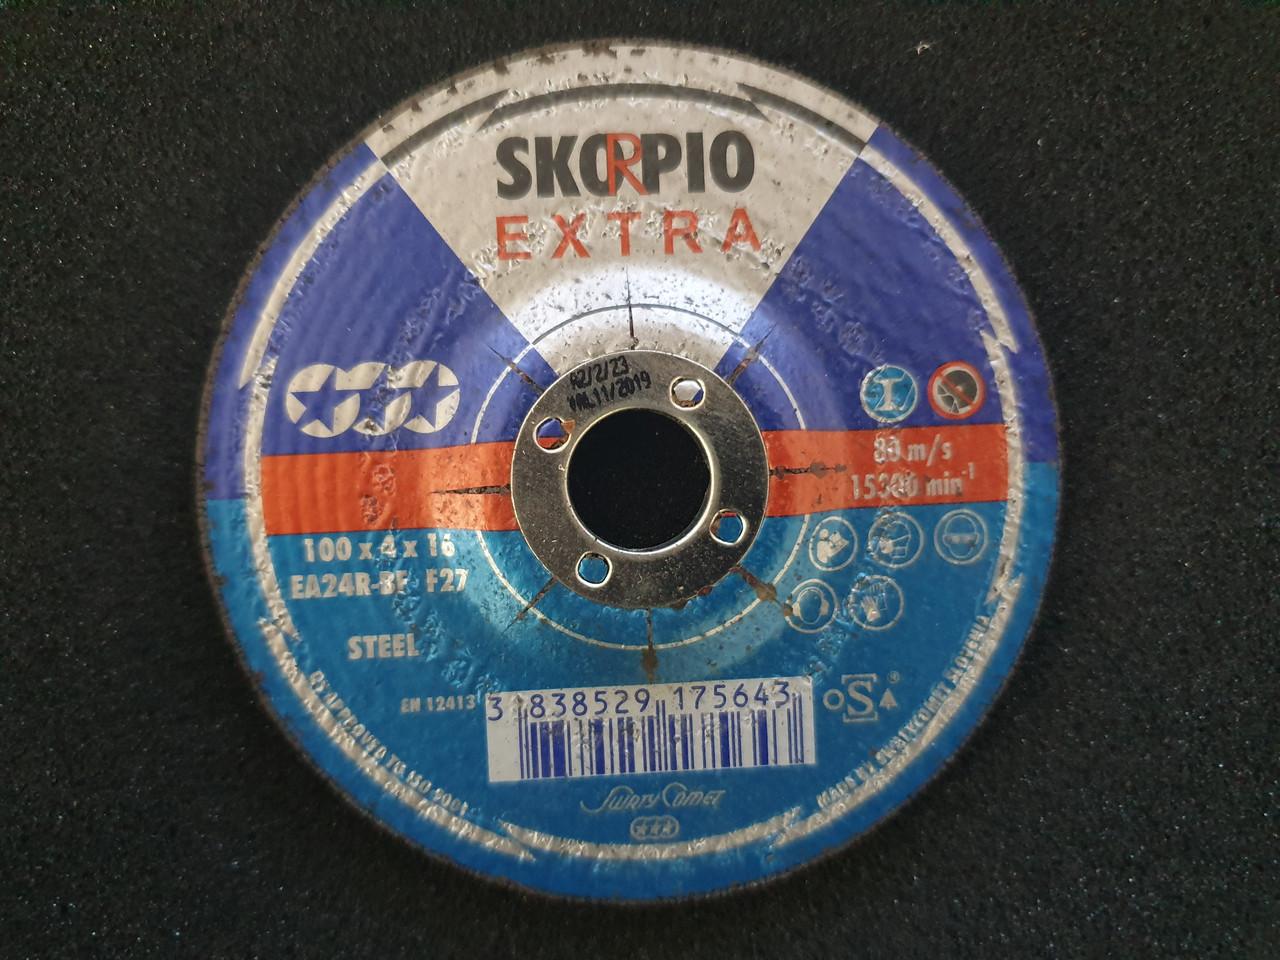 Круг шлифовальный Inox&Metal 100 x 4 x 16 SKORPIO EA24R-BF/F27 (Weiler Abrasives, Slovenija)